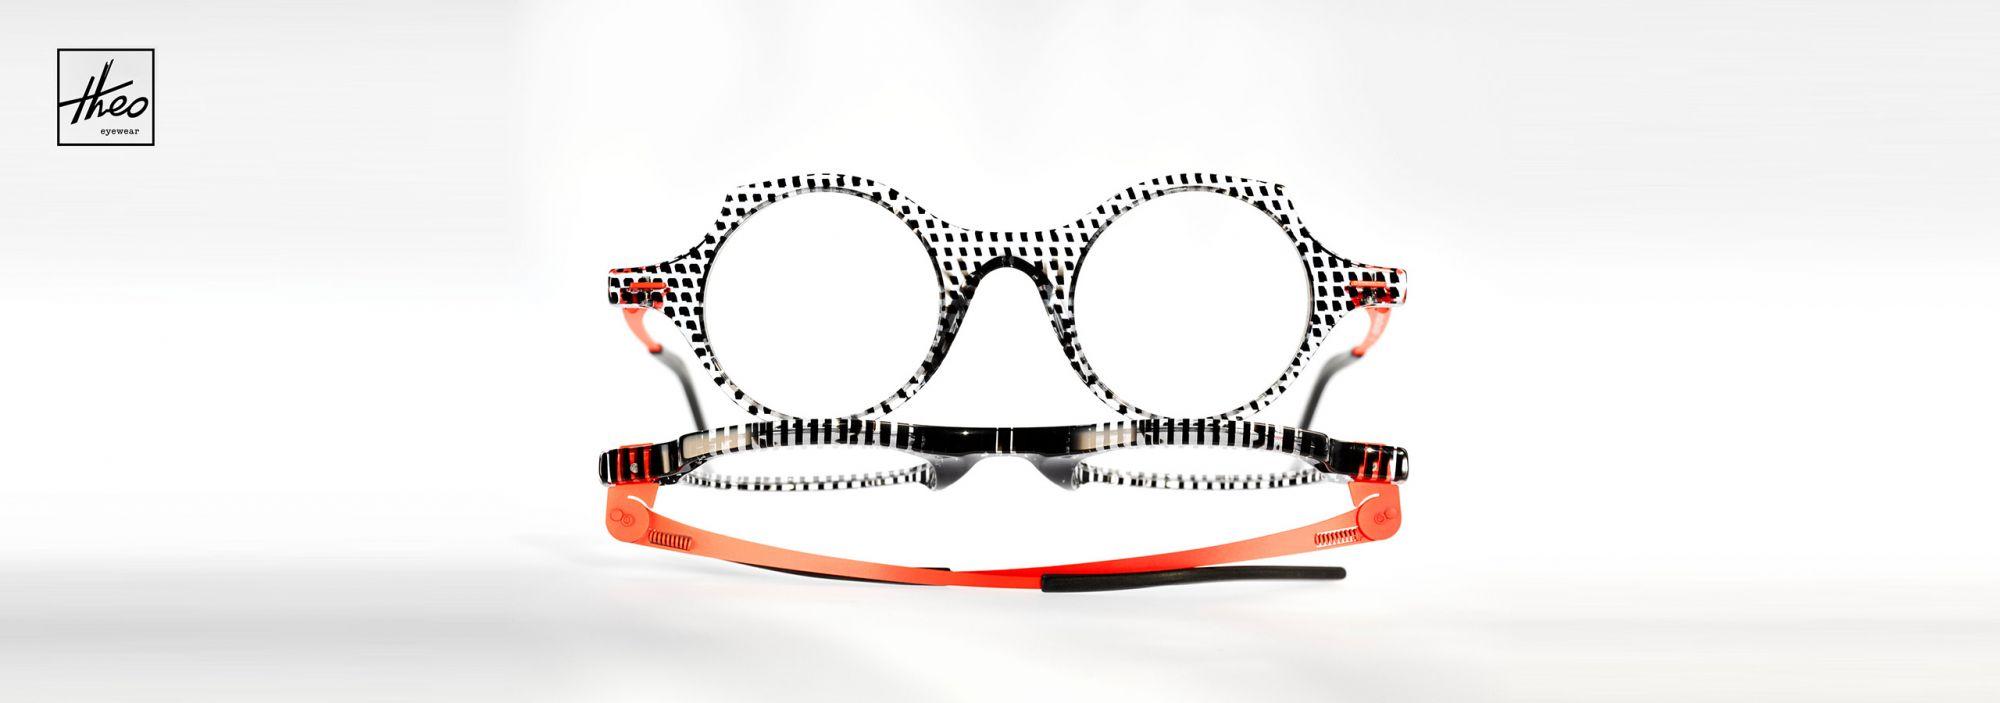 3623af4d91d VLAARDINGEN - Meer Optiek in Vlaardingen biedt meer: meer beleving, meer  keuze, meer draagplezier. En dat begint met meer brillen! Onze collectie  brillen en ...